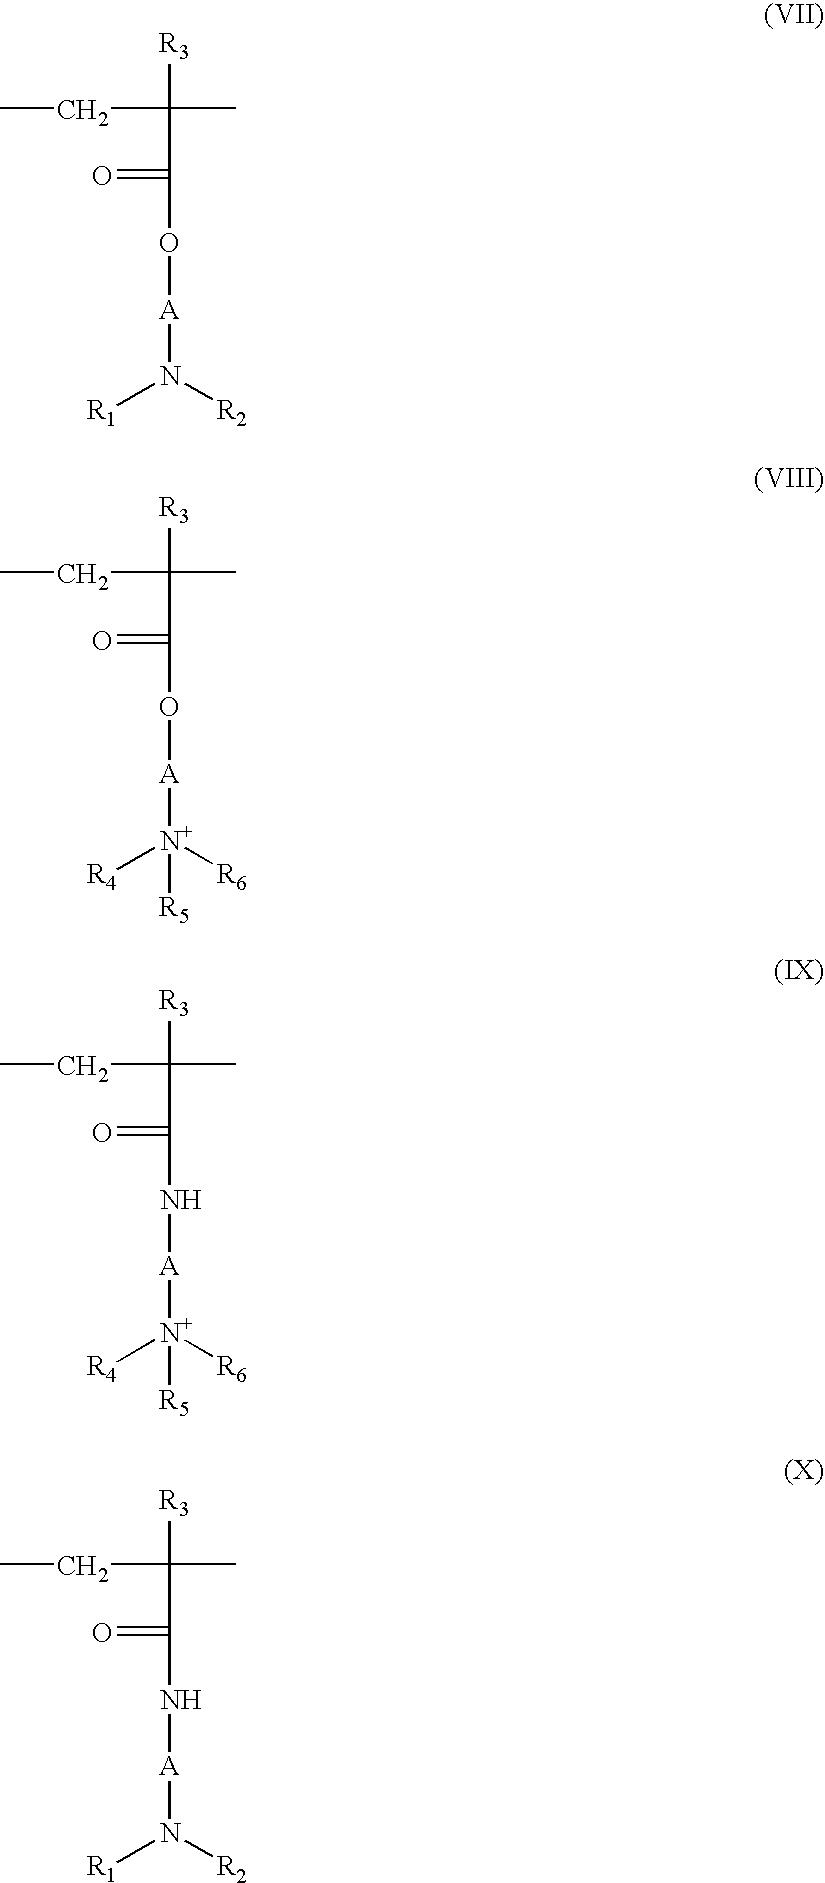 Figure US20040133995A1-20040715-C00006